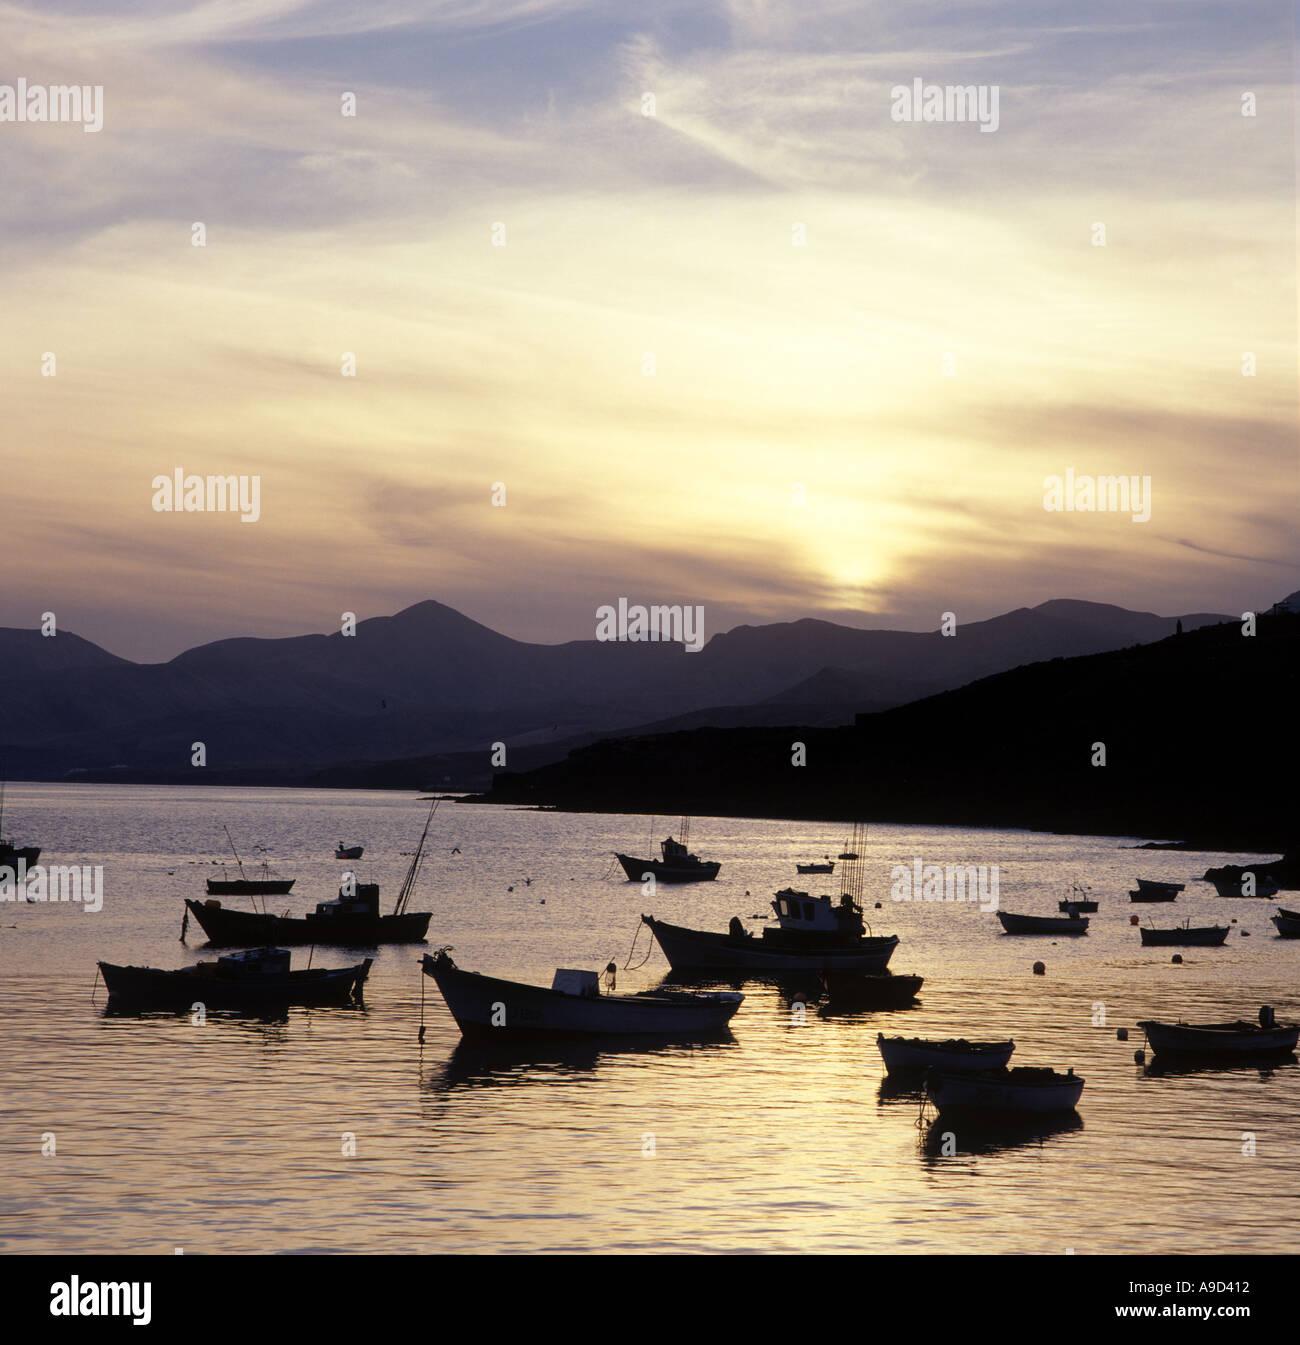 Hafen bei Sonnenuntergang, Puerto del Carmen, Lanzarote, Kanarische Inseln, Spanien Stockbild